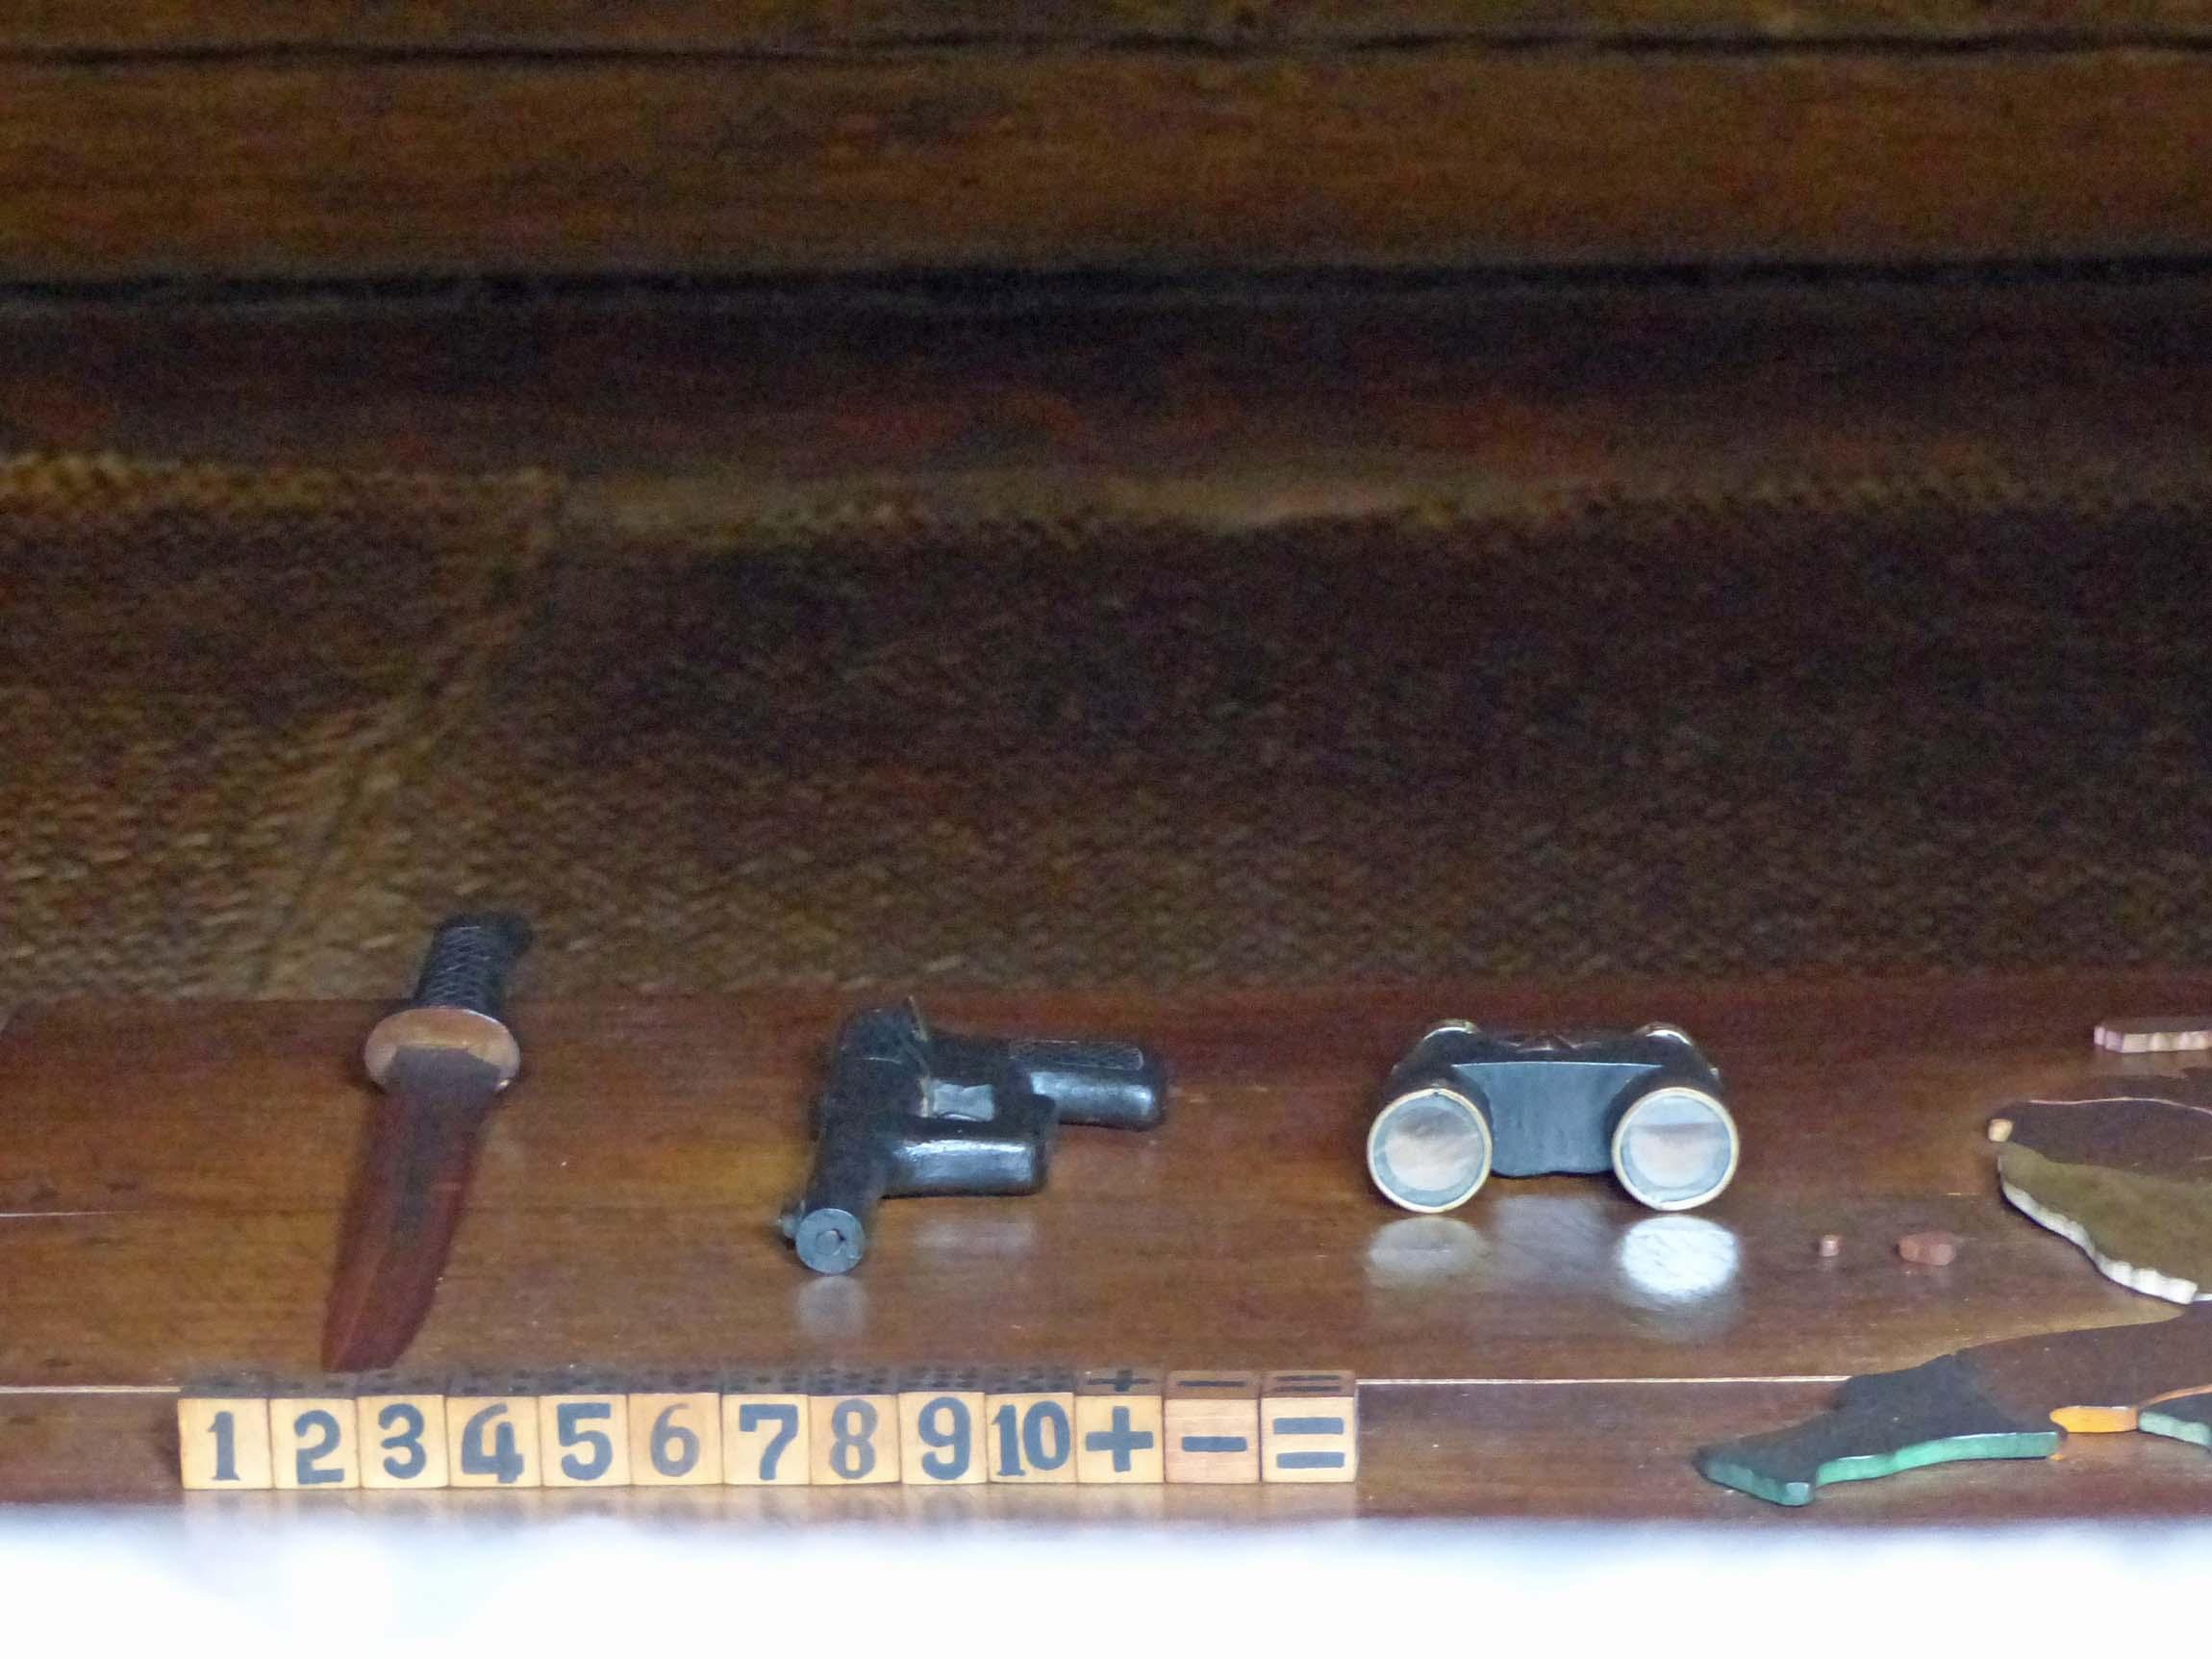 Counting blocks, knife, toy gun